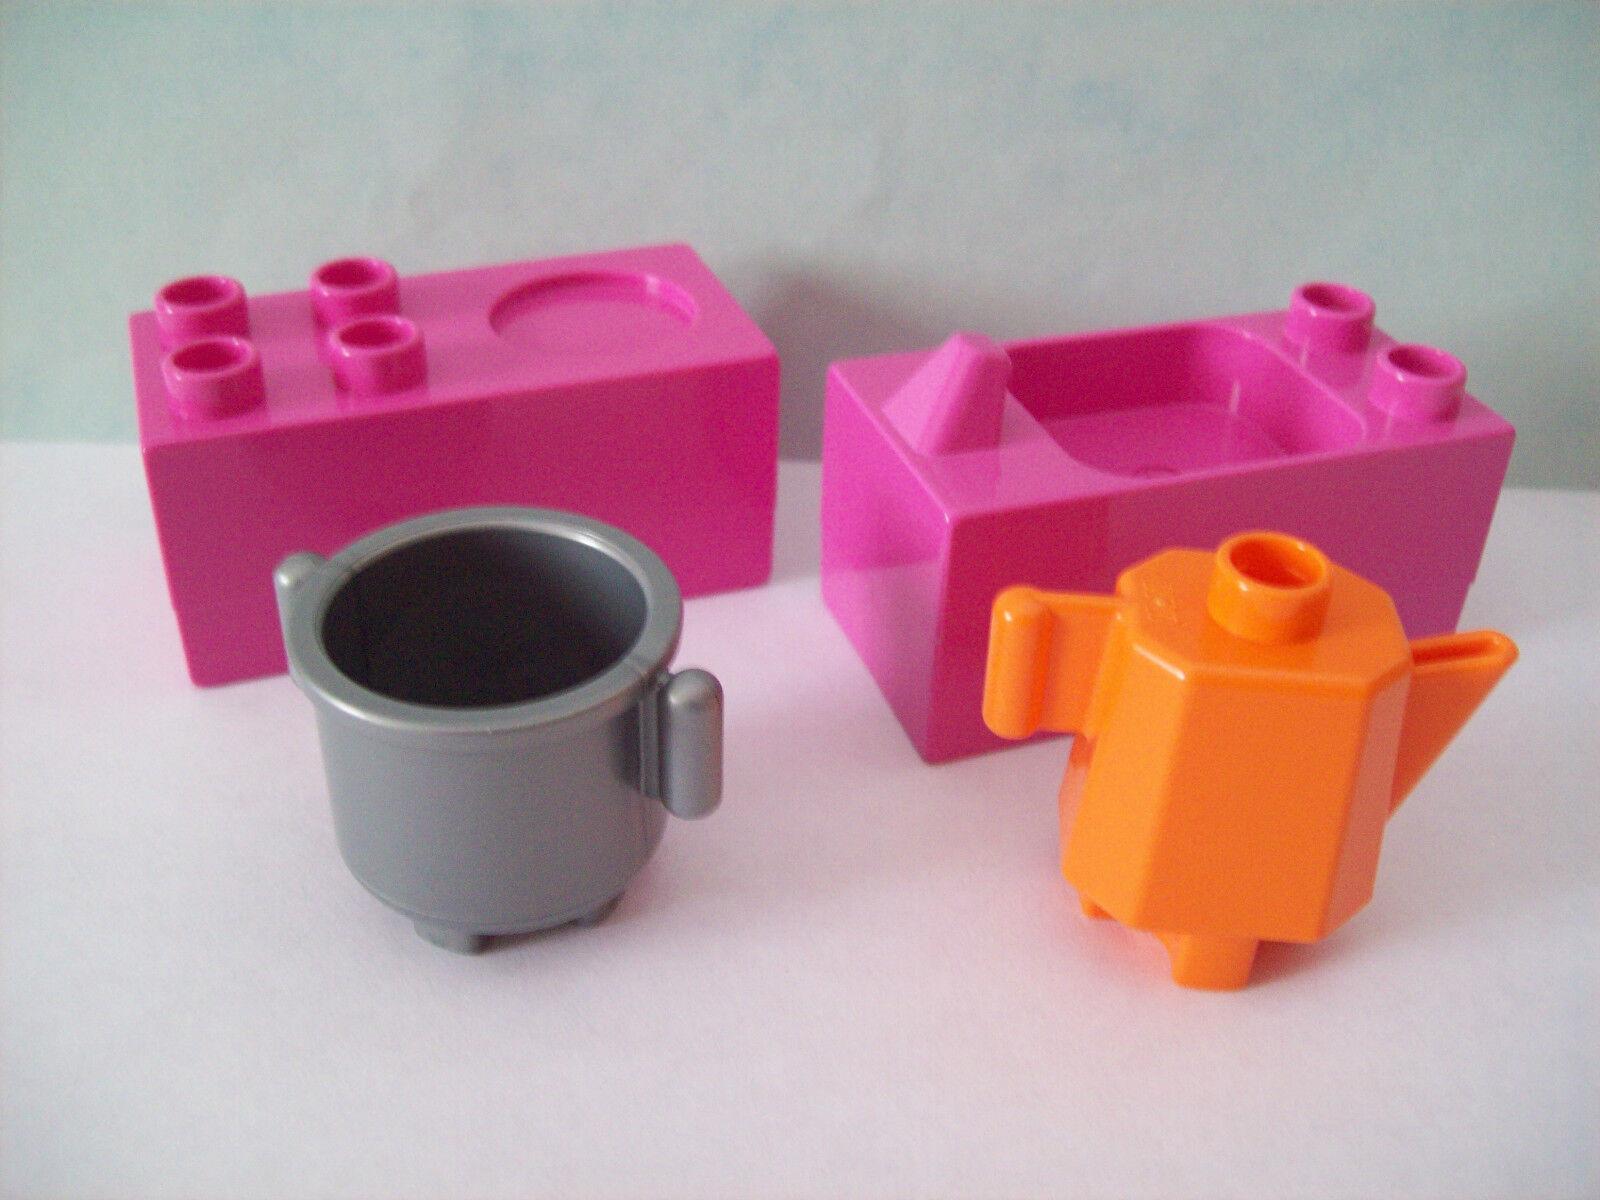 lego duplo 5639 10505 kinderk che spielzeug rosa herd. Black Bedroom Furniture Sets. Home Design Ideas